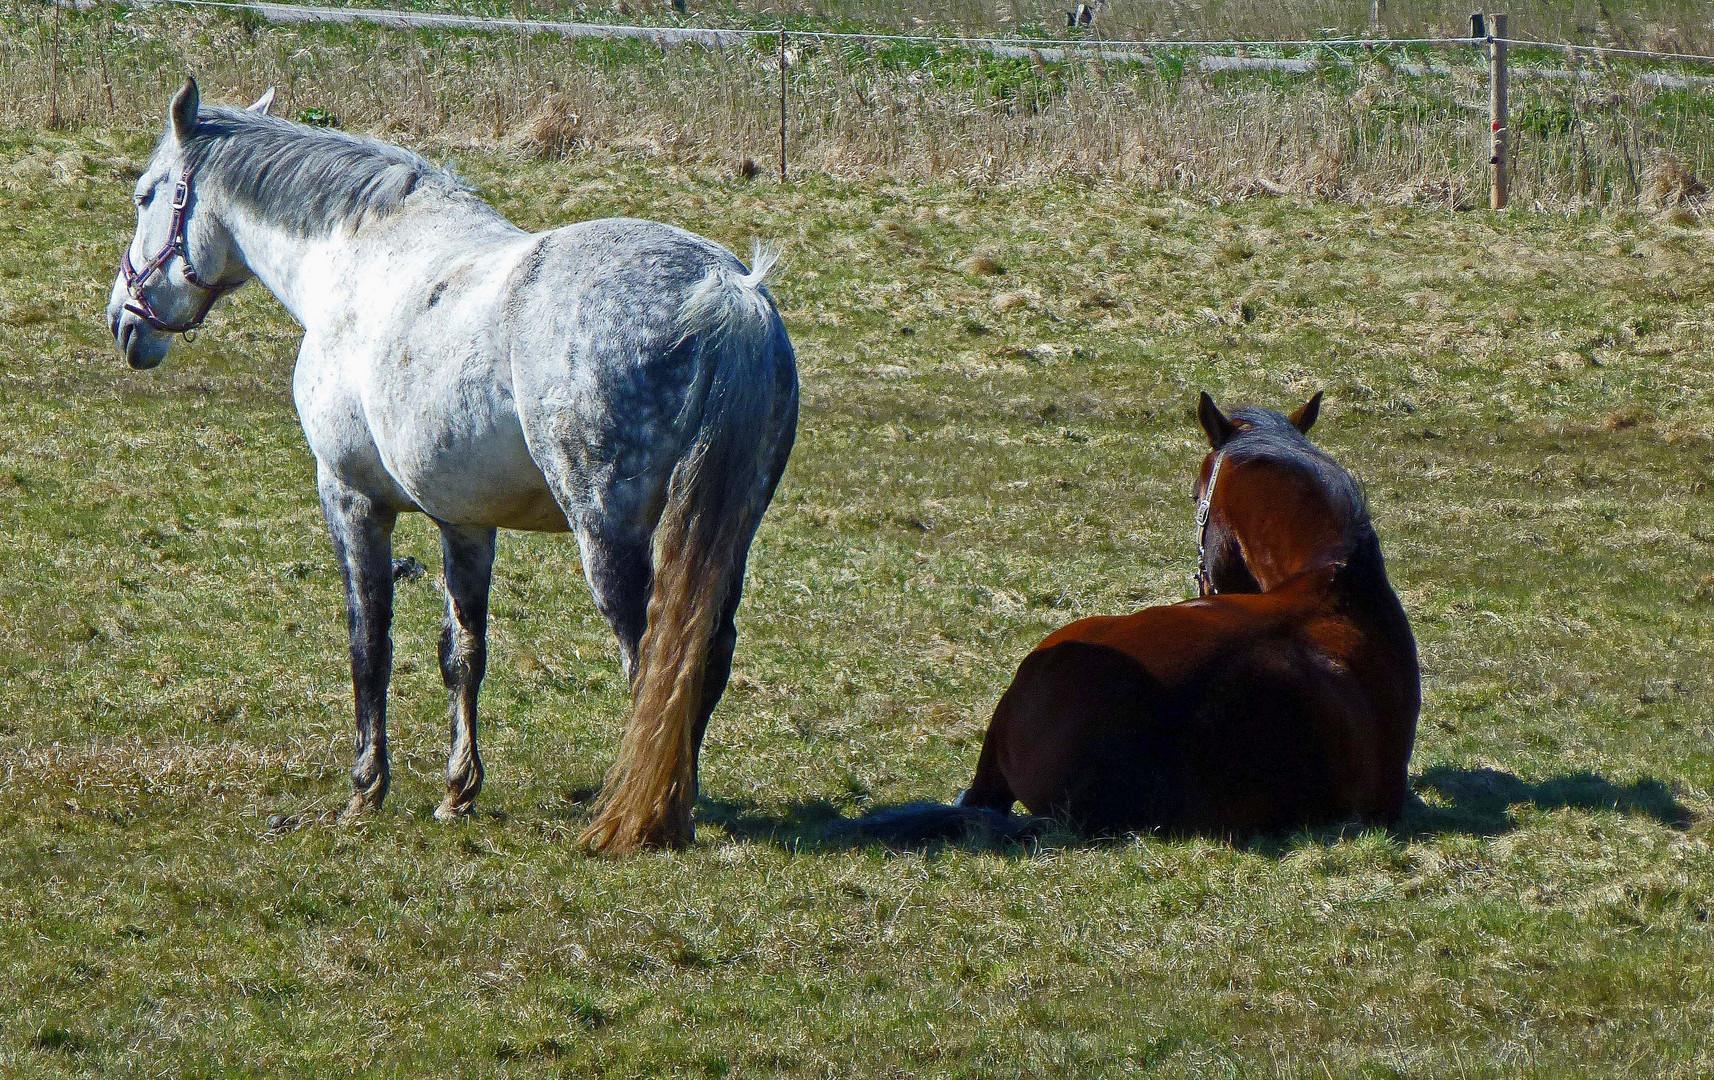 liebe Grüne, was sind schon Ponys.....